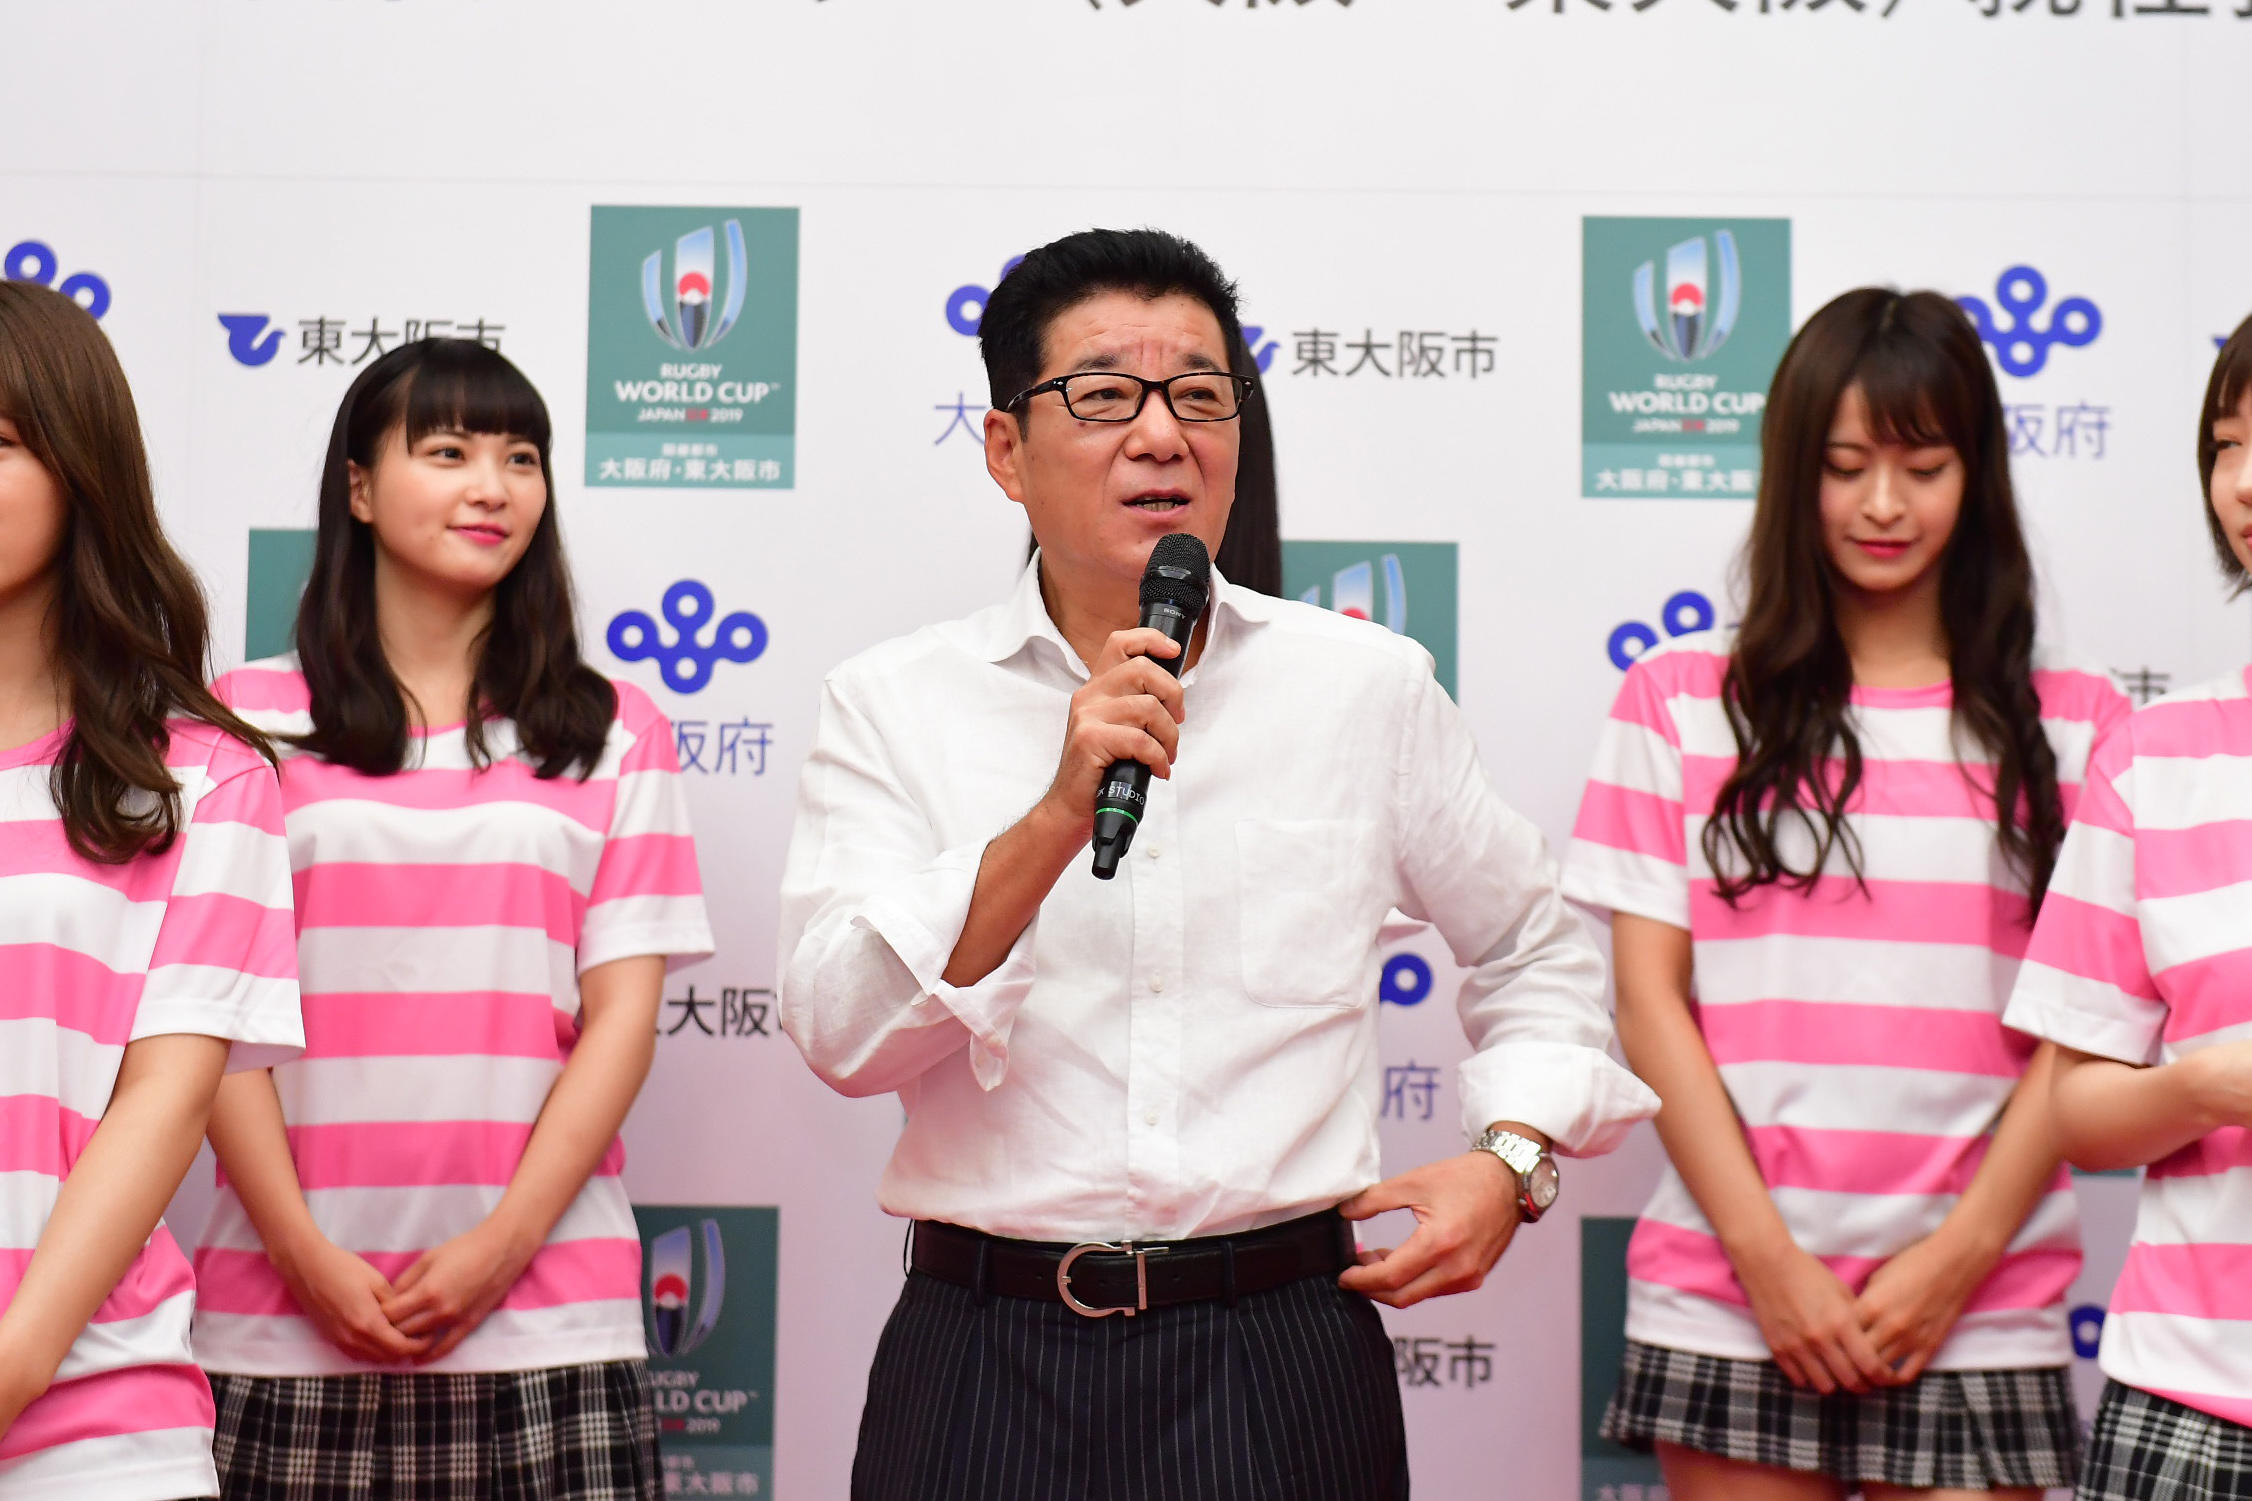 http://news.yoshimoto.co.jp/20180919084704-44b7fac2c1c09c0a3f912d3a13c04597e3f5512a.jpg